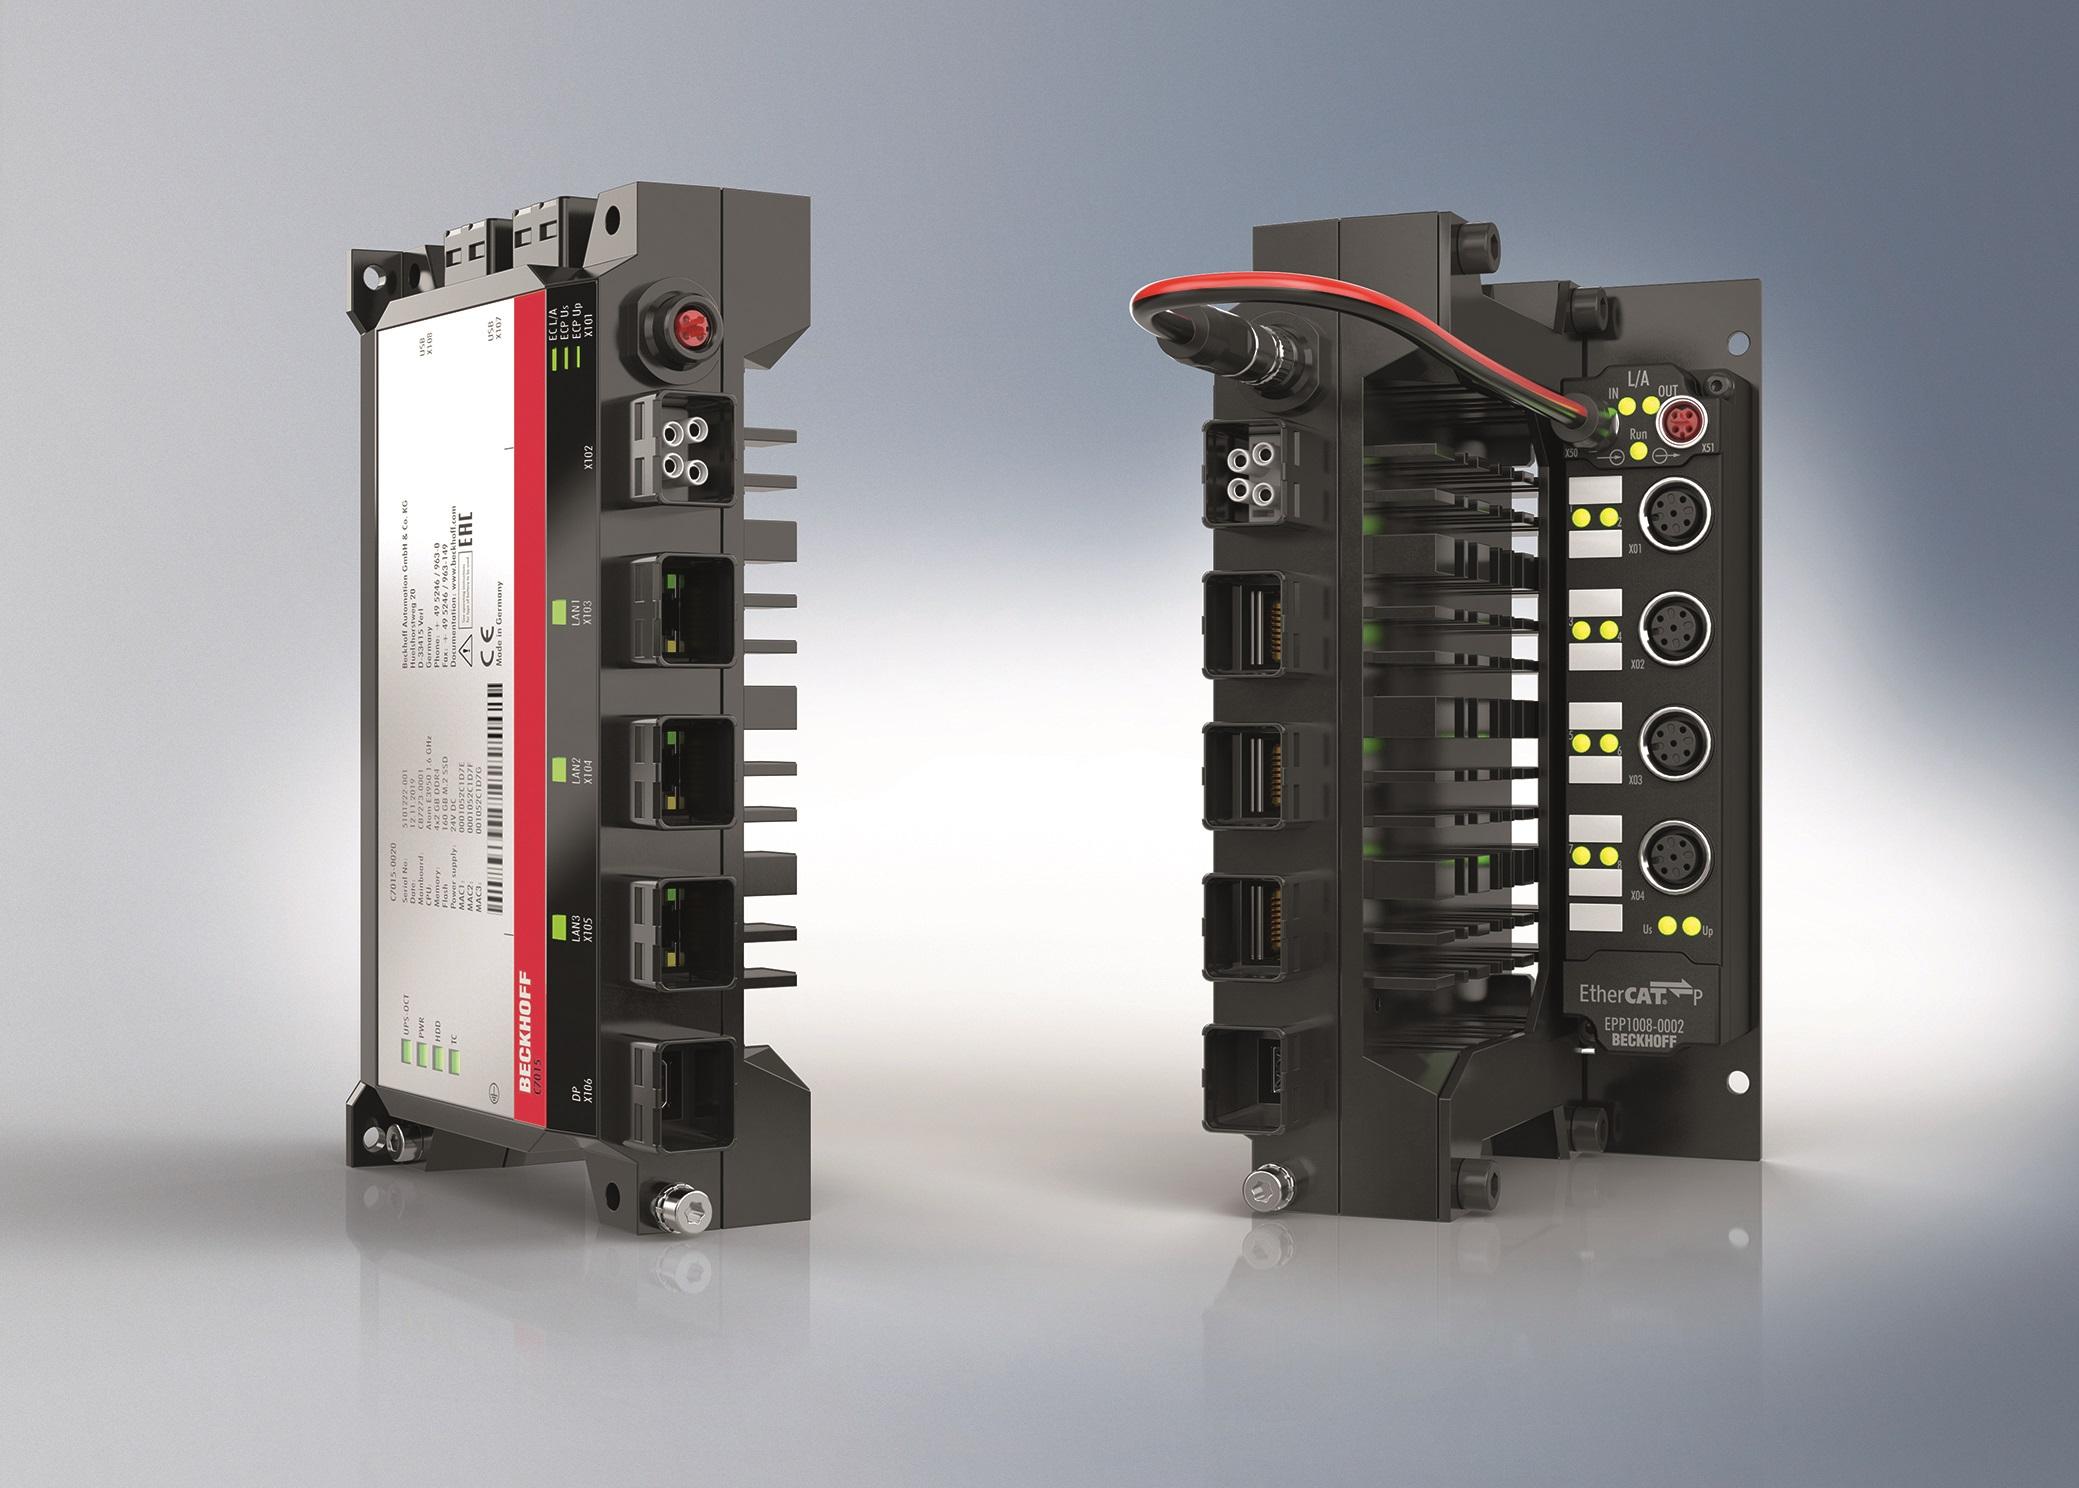 C7015 - Industri_PC